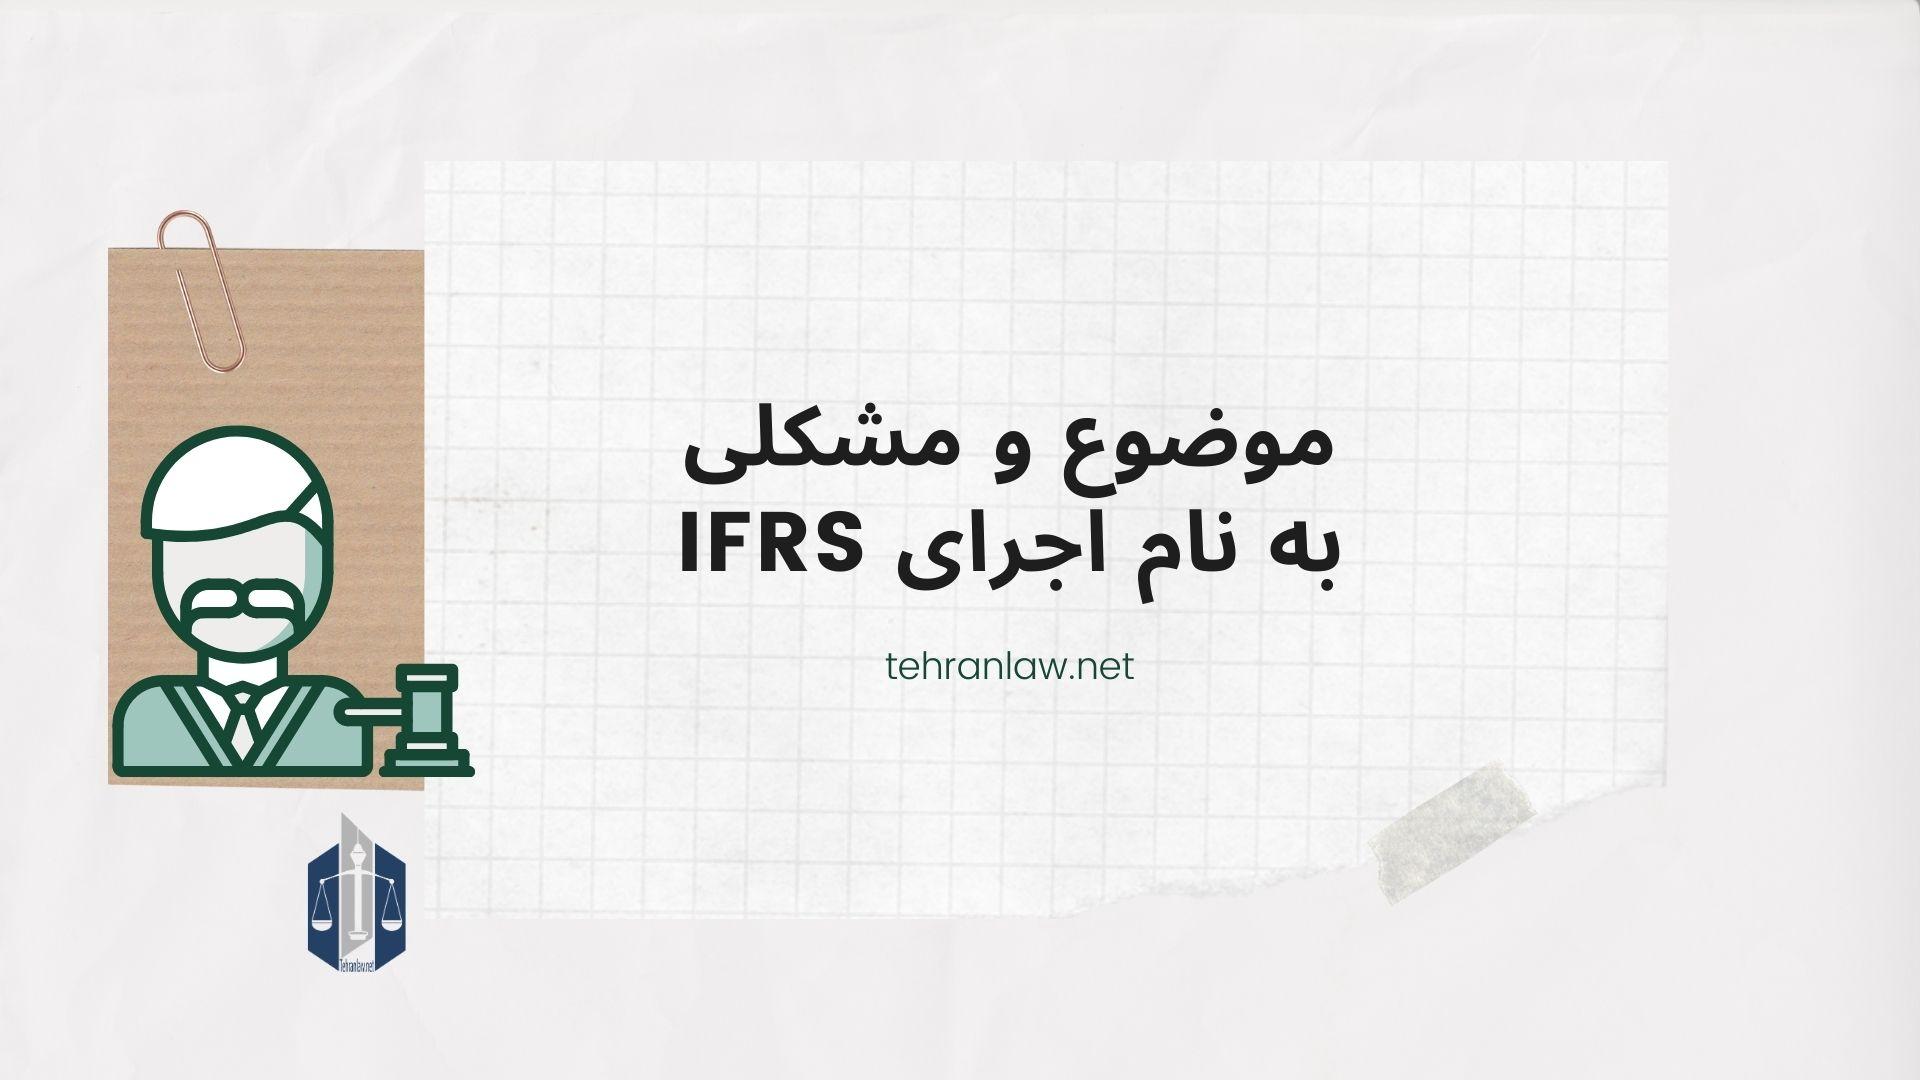 موضوع و مشکلی به نام اجرای IFRS